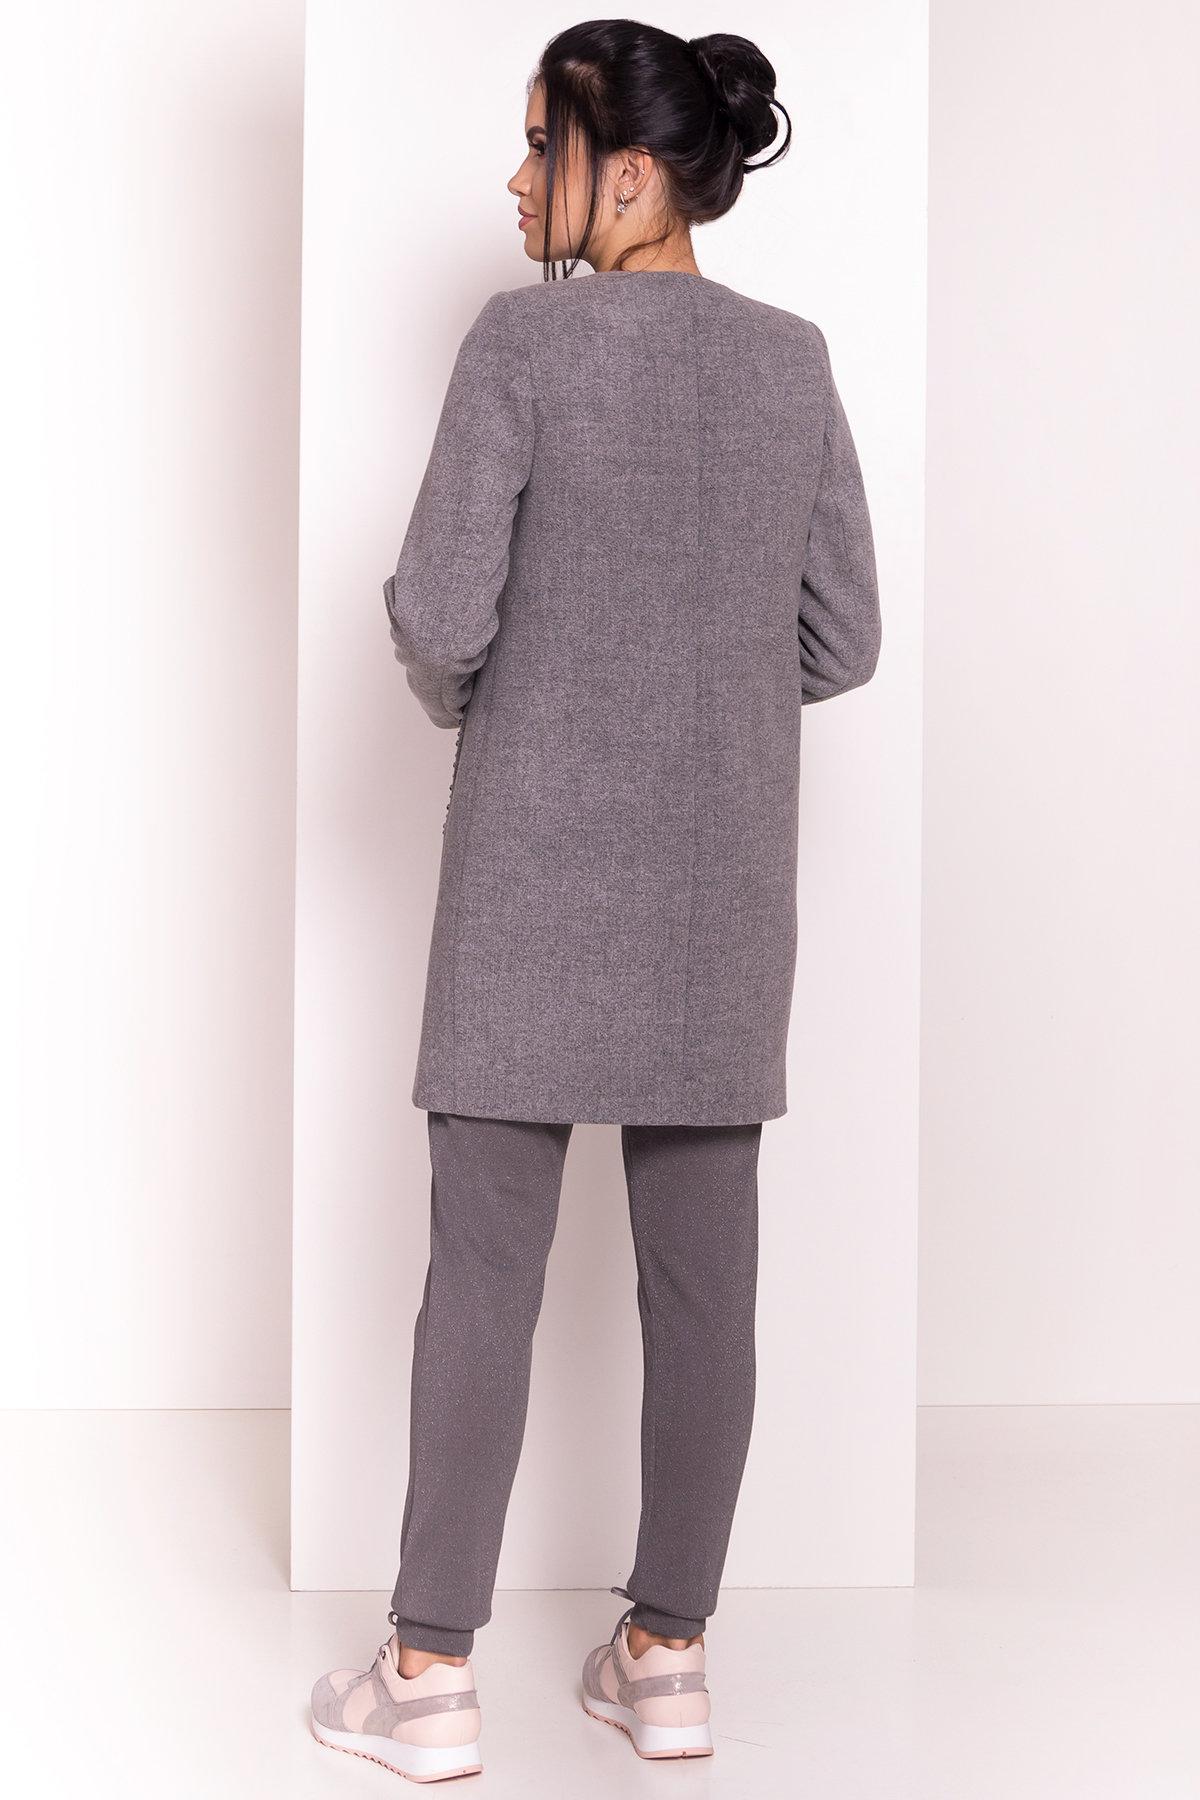 Весенние пальто Пелагея 5512 АРТ. 37057 Цвет: Серый 18 - фото 4, интернет магазин tm-modus.ru